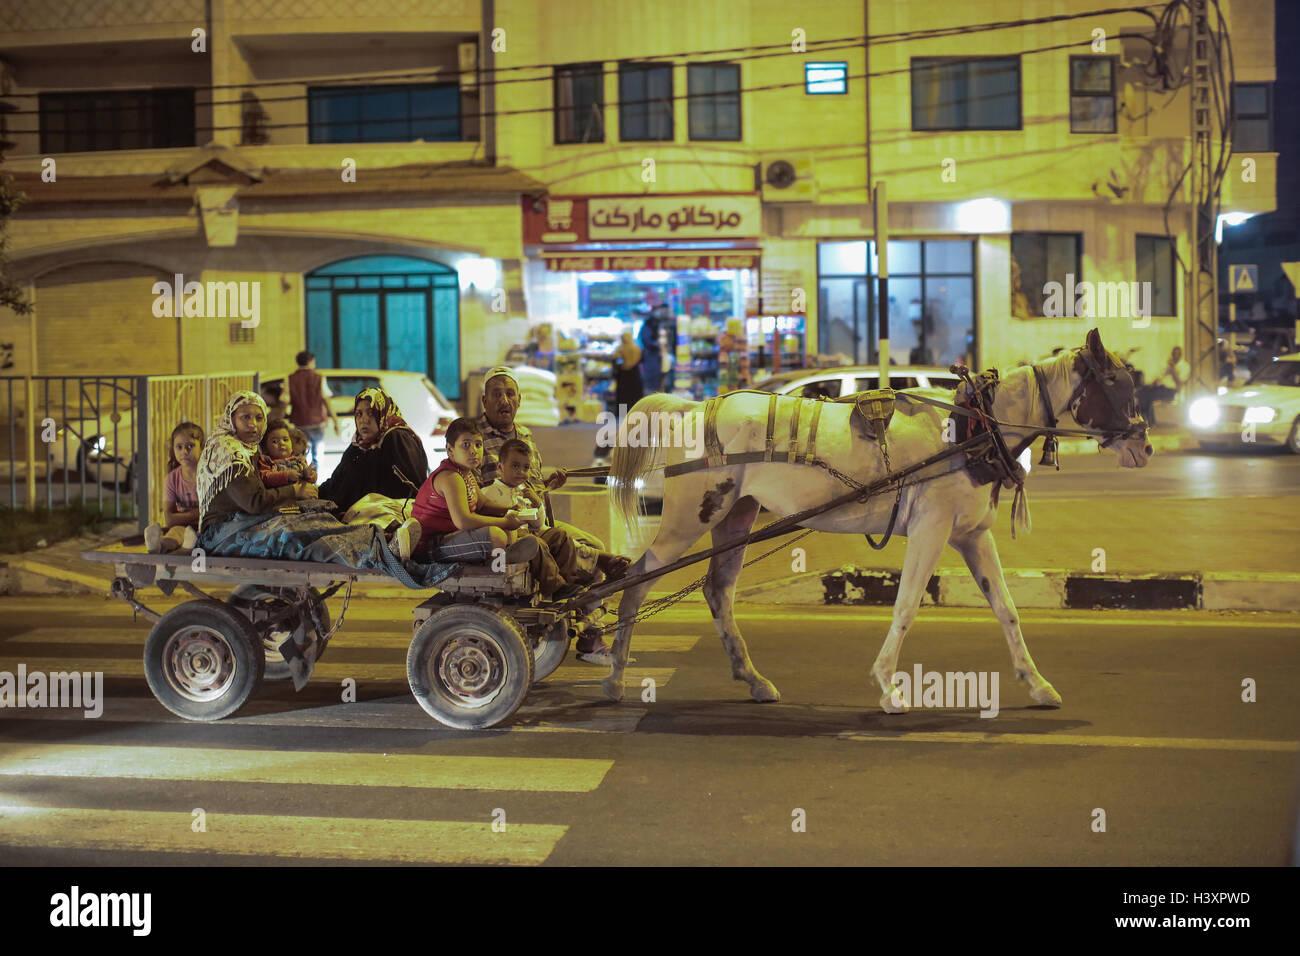 Un cheval tirant une charrette transportant une famille dans la ville de Gaza. À partir d'une série Photo Stock